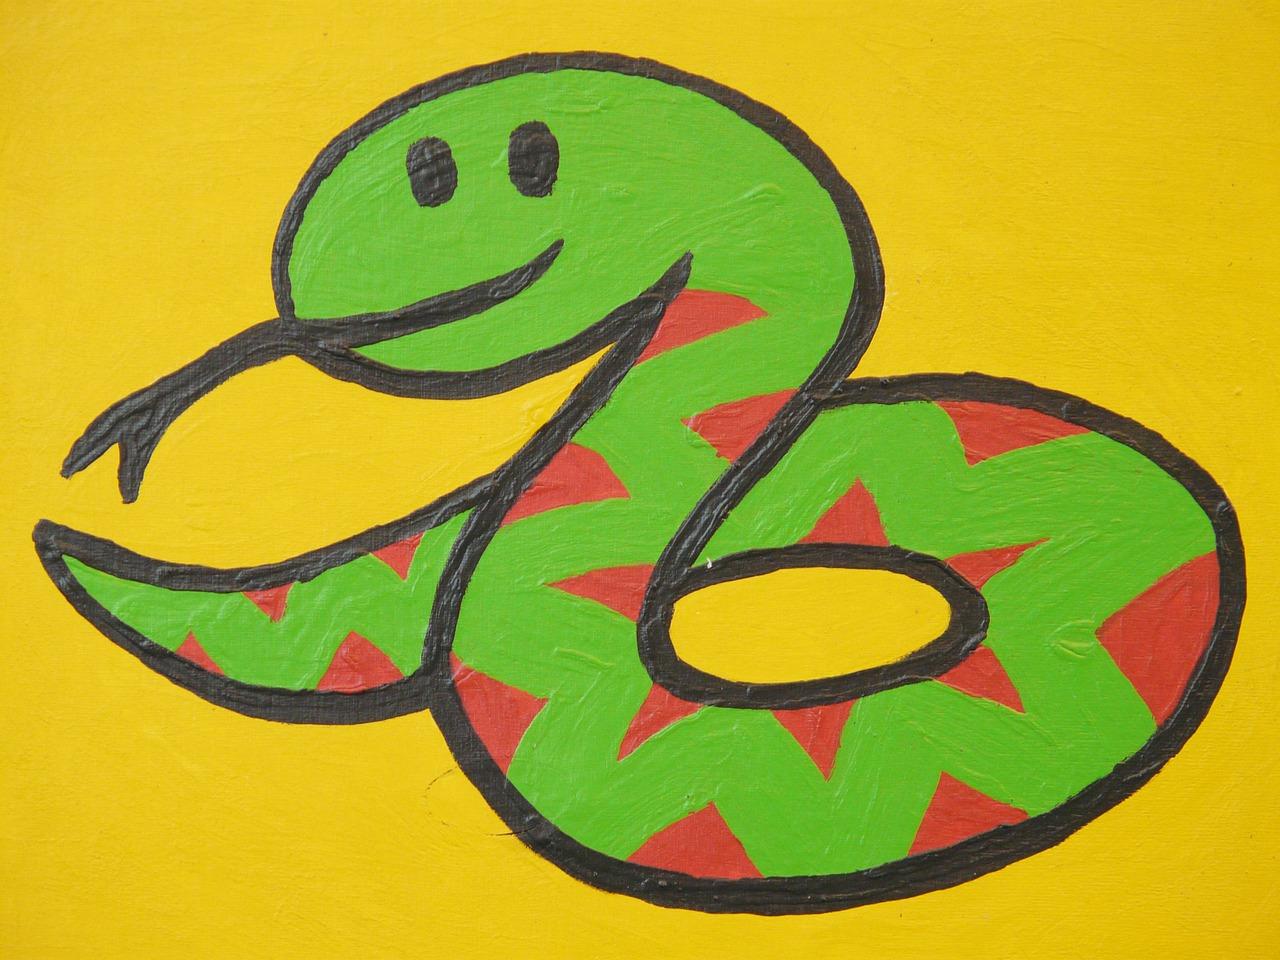 ヘビの皮抜け なのです